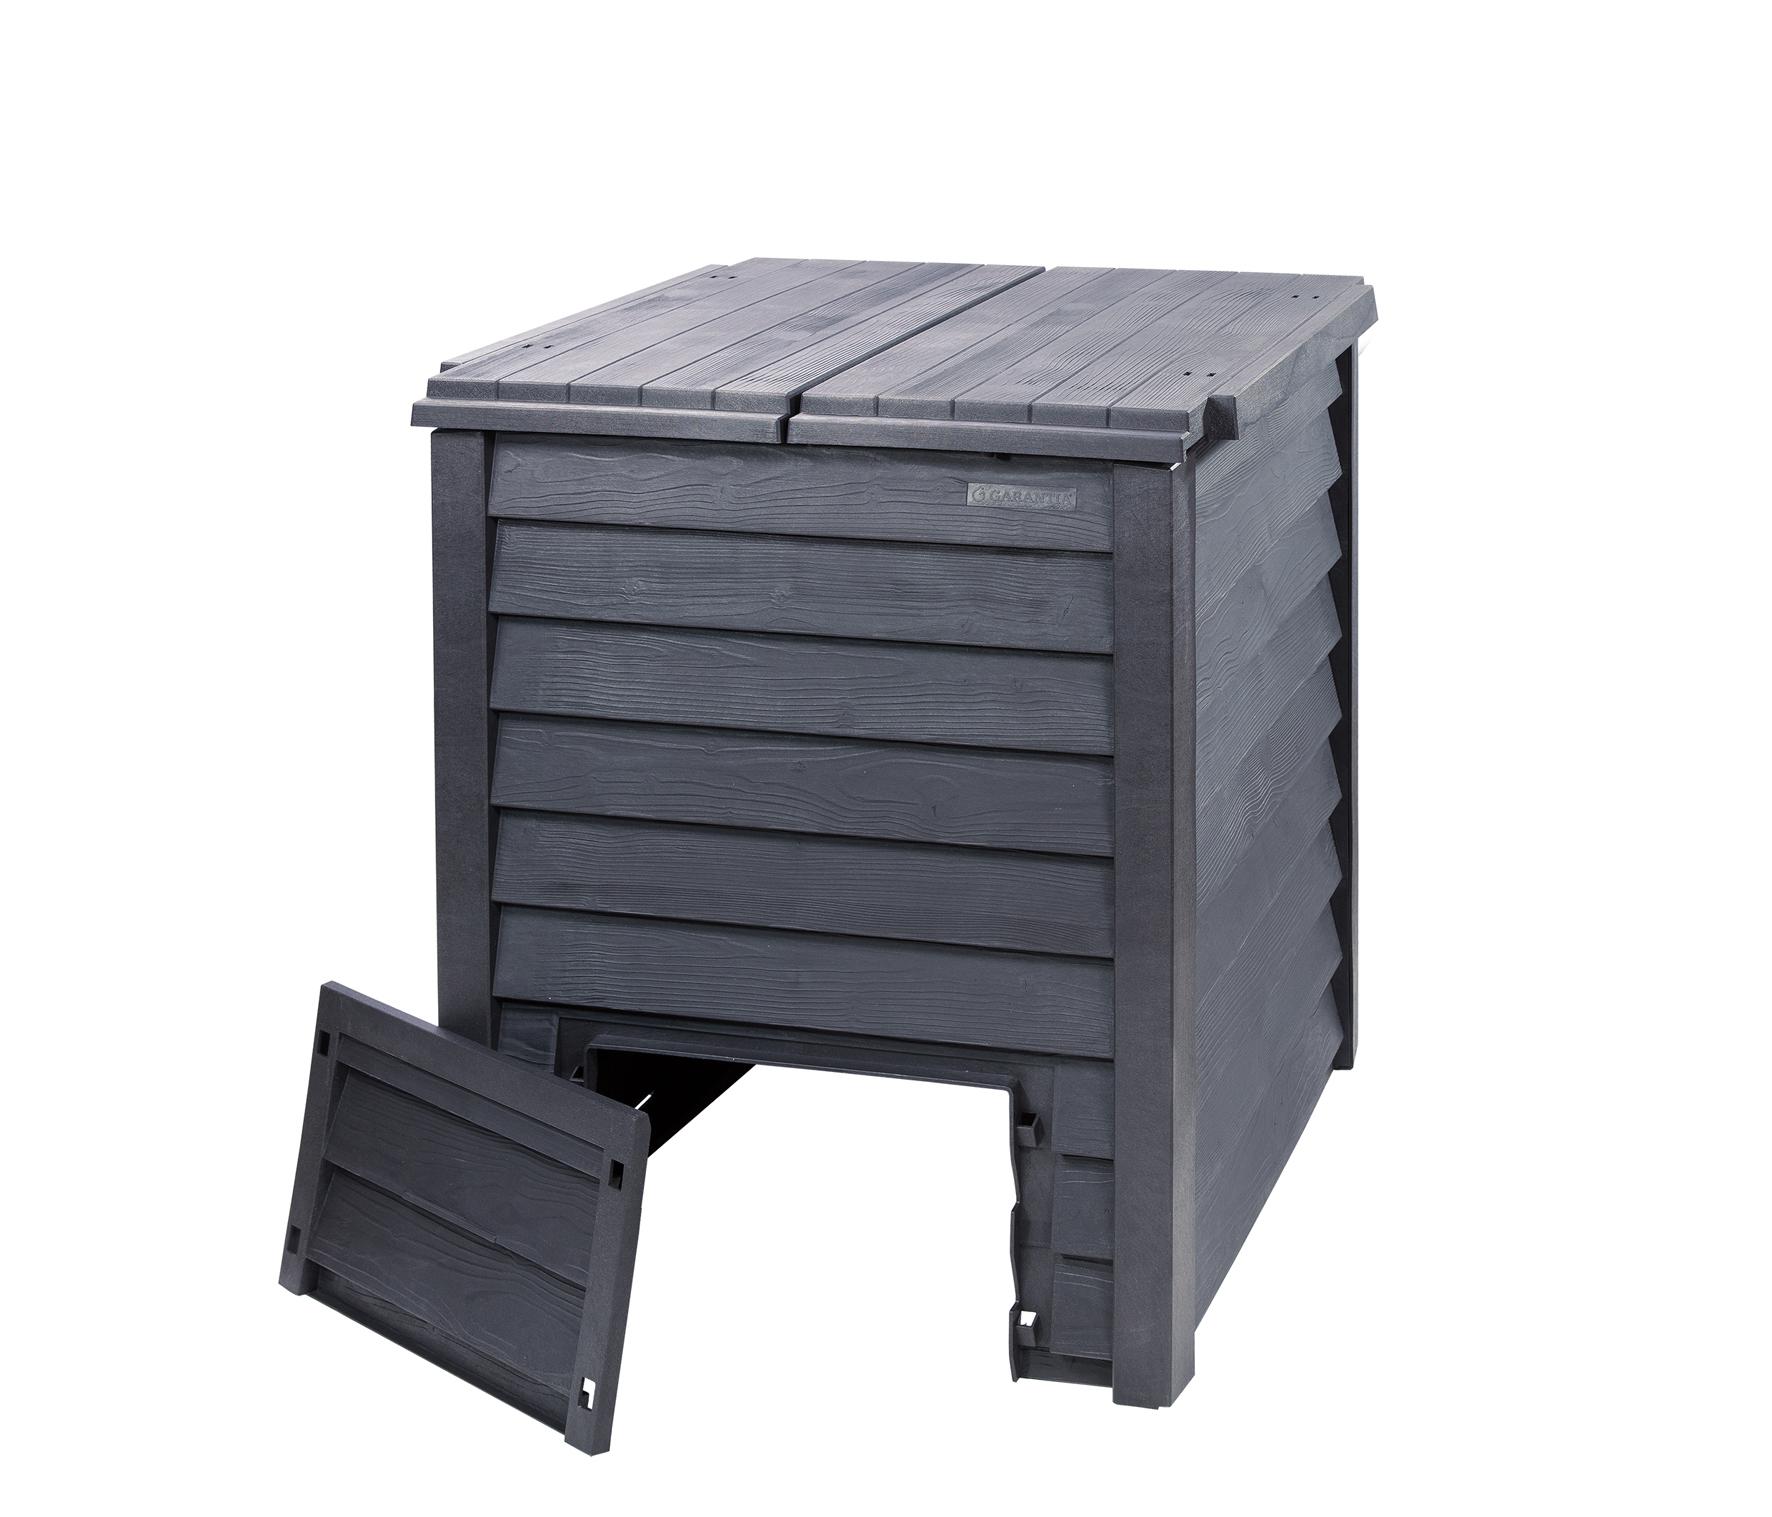 Komposter / Thermokomposter Thermo-Wood 600L braun GARANTIA 626050 Bild 2